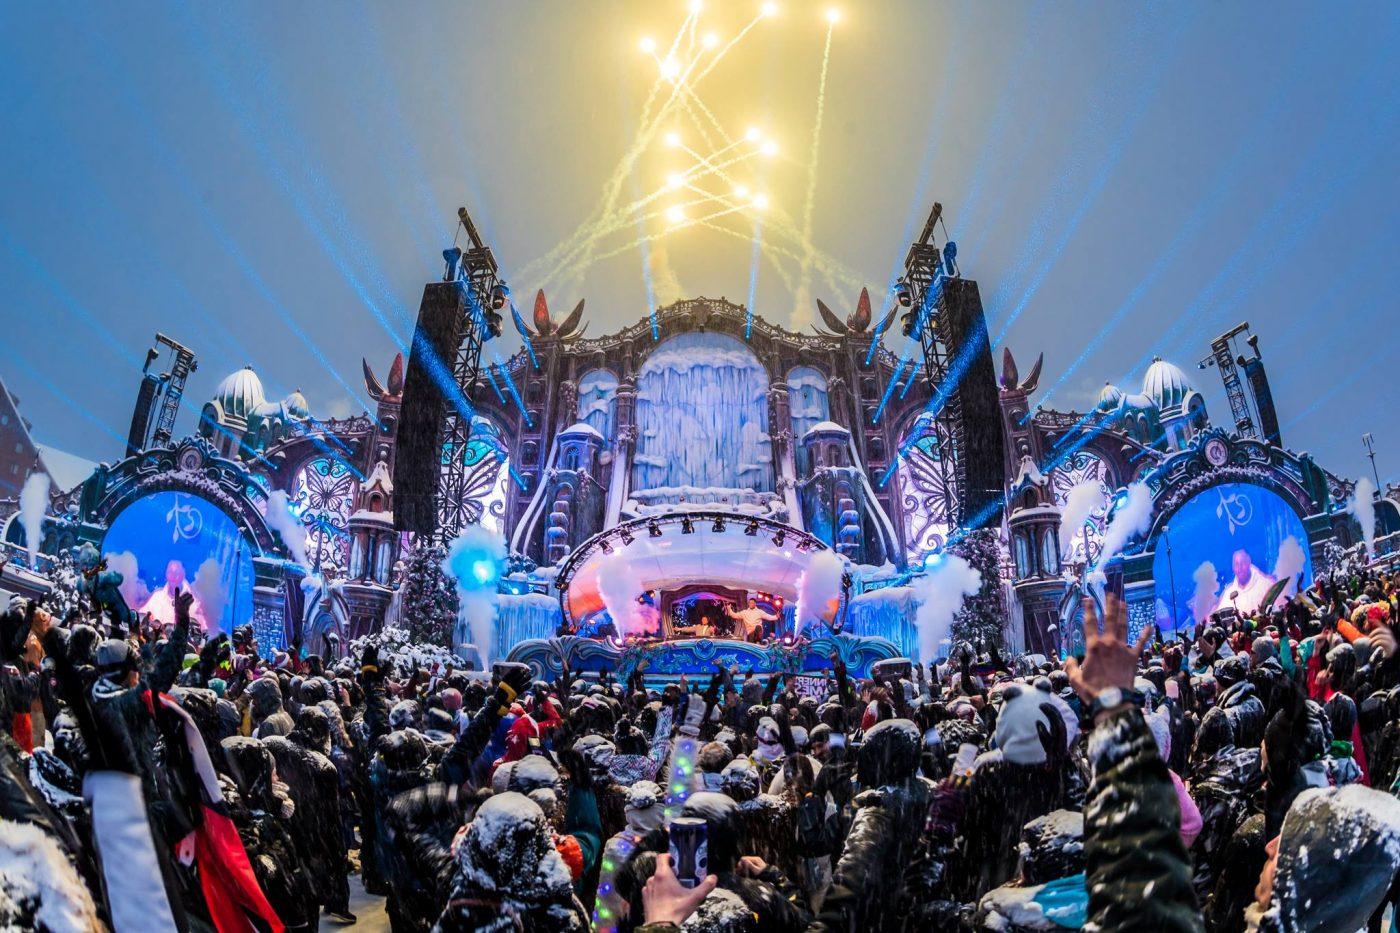 Tomorrowland Winterのライブ配信が決定!ハイクオリティな4K UHDでの視聴も可能!